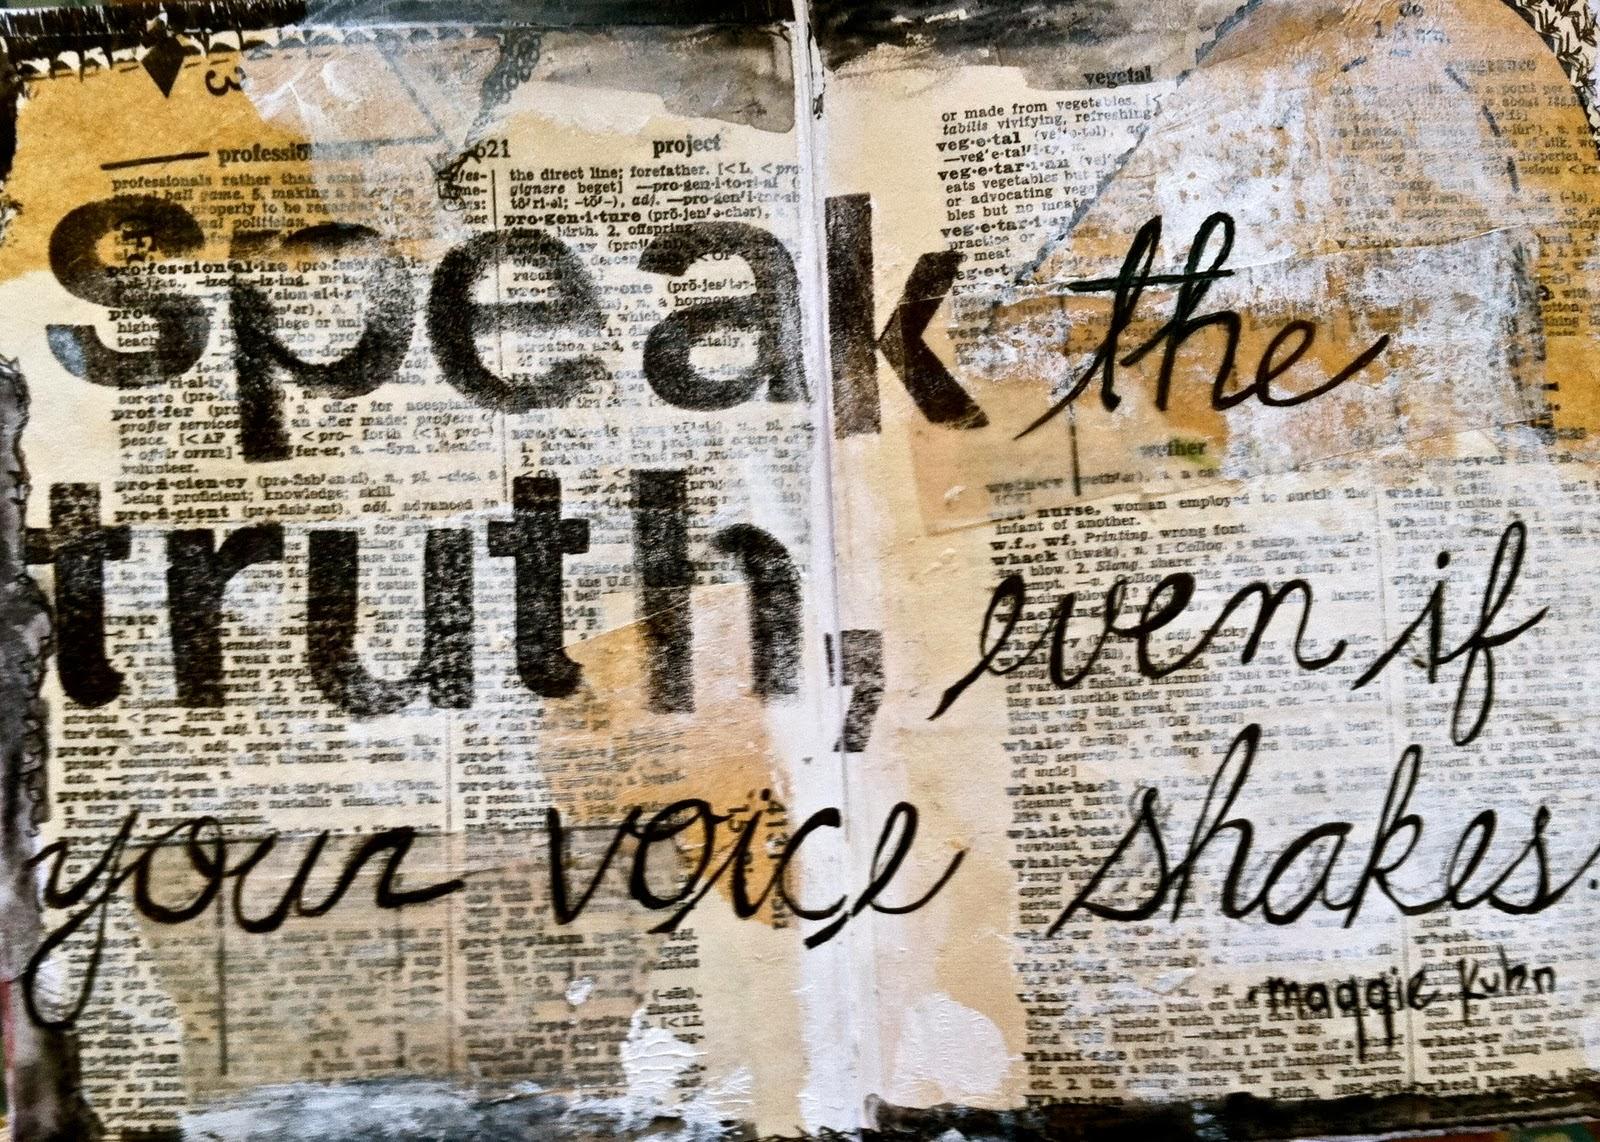 speak+the+truth